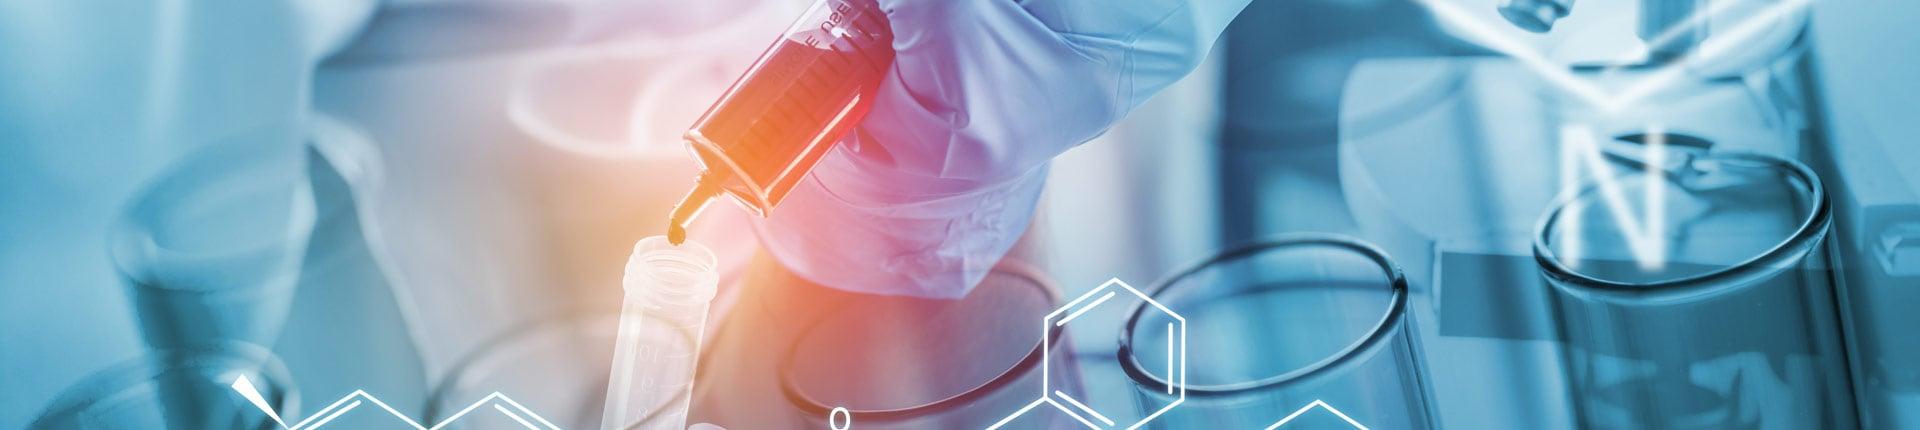 Oxandrolone najbezpieczniejszy środek na rynku?